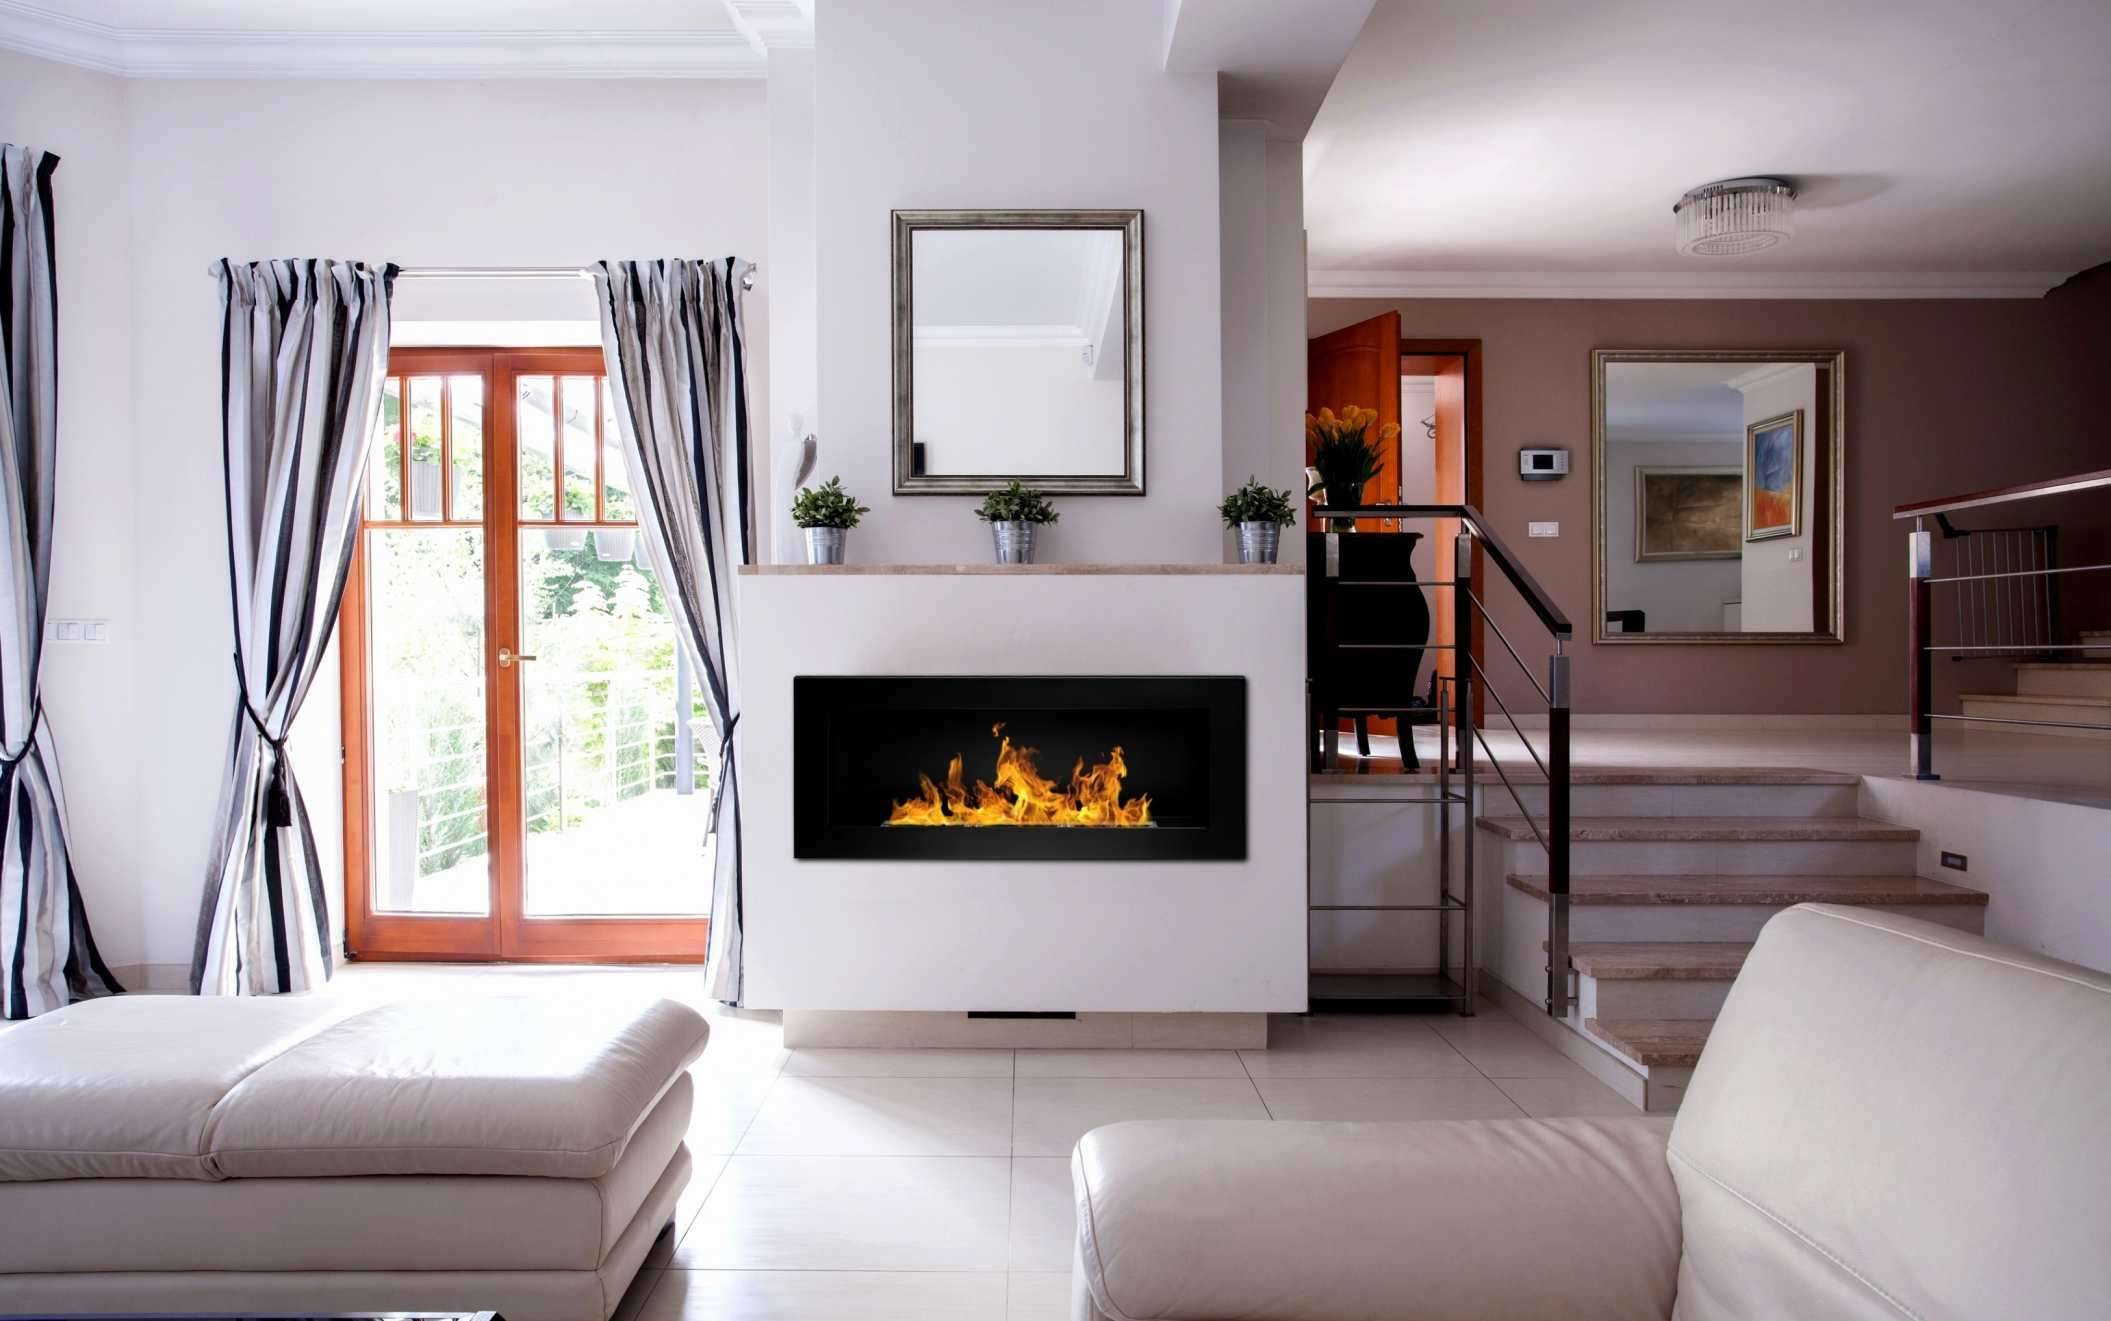 wohnzimmer dekoration kaufen fresh 45 genial deko kaufen bilder of wohnzimmer dekoration kaufen